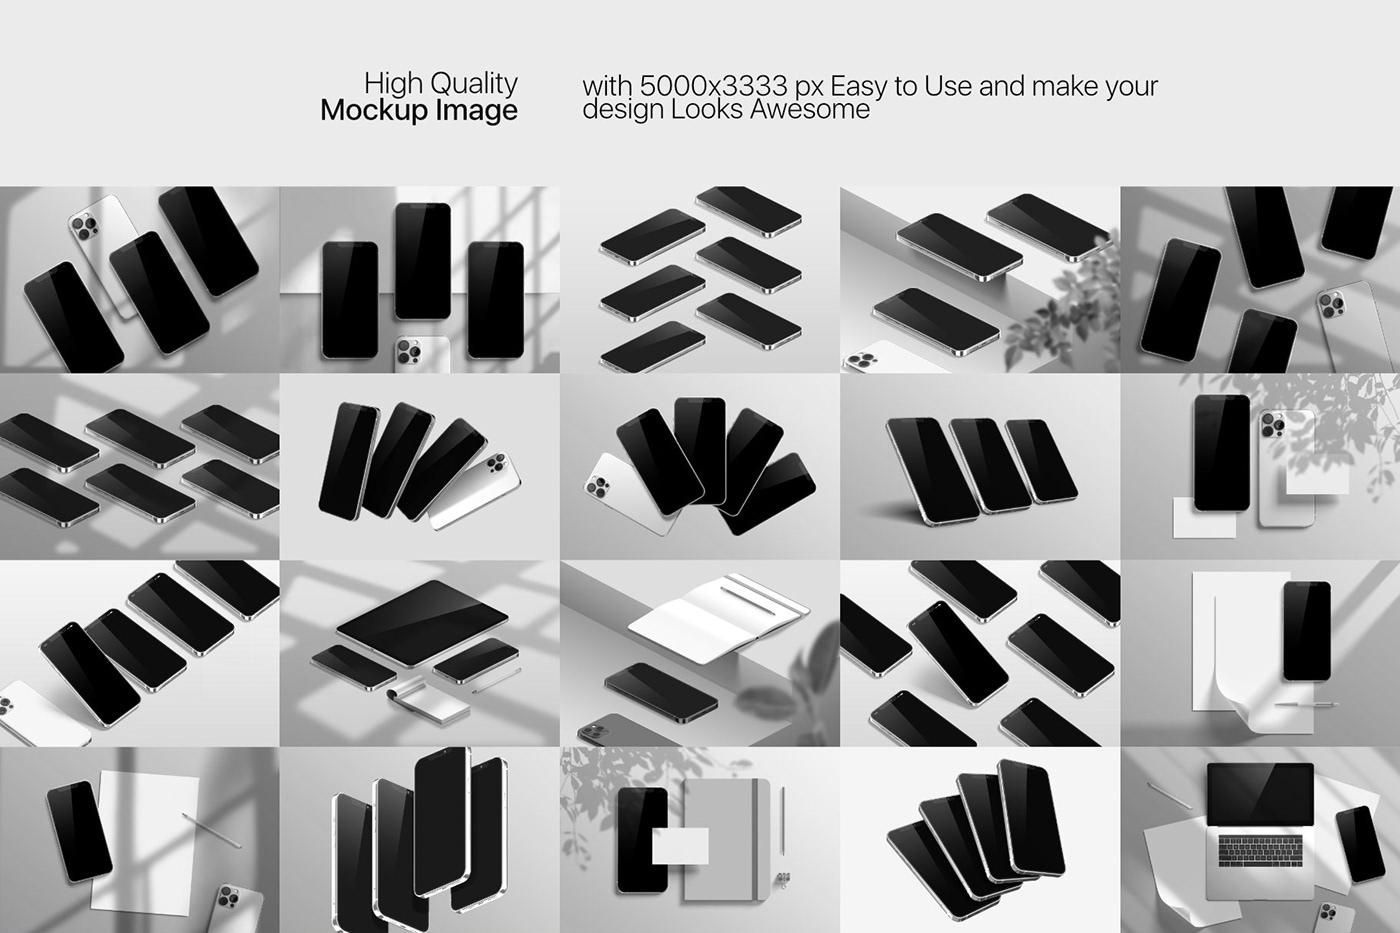 20款时尚苹果iPhone 12 Pro手机APP应用设计屏幕演示样机模板 iPhone 12 Pro Max Mockup插图10